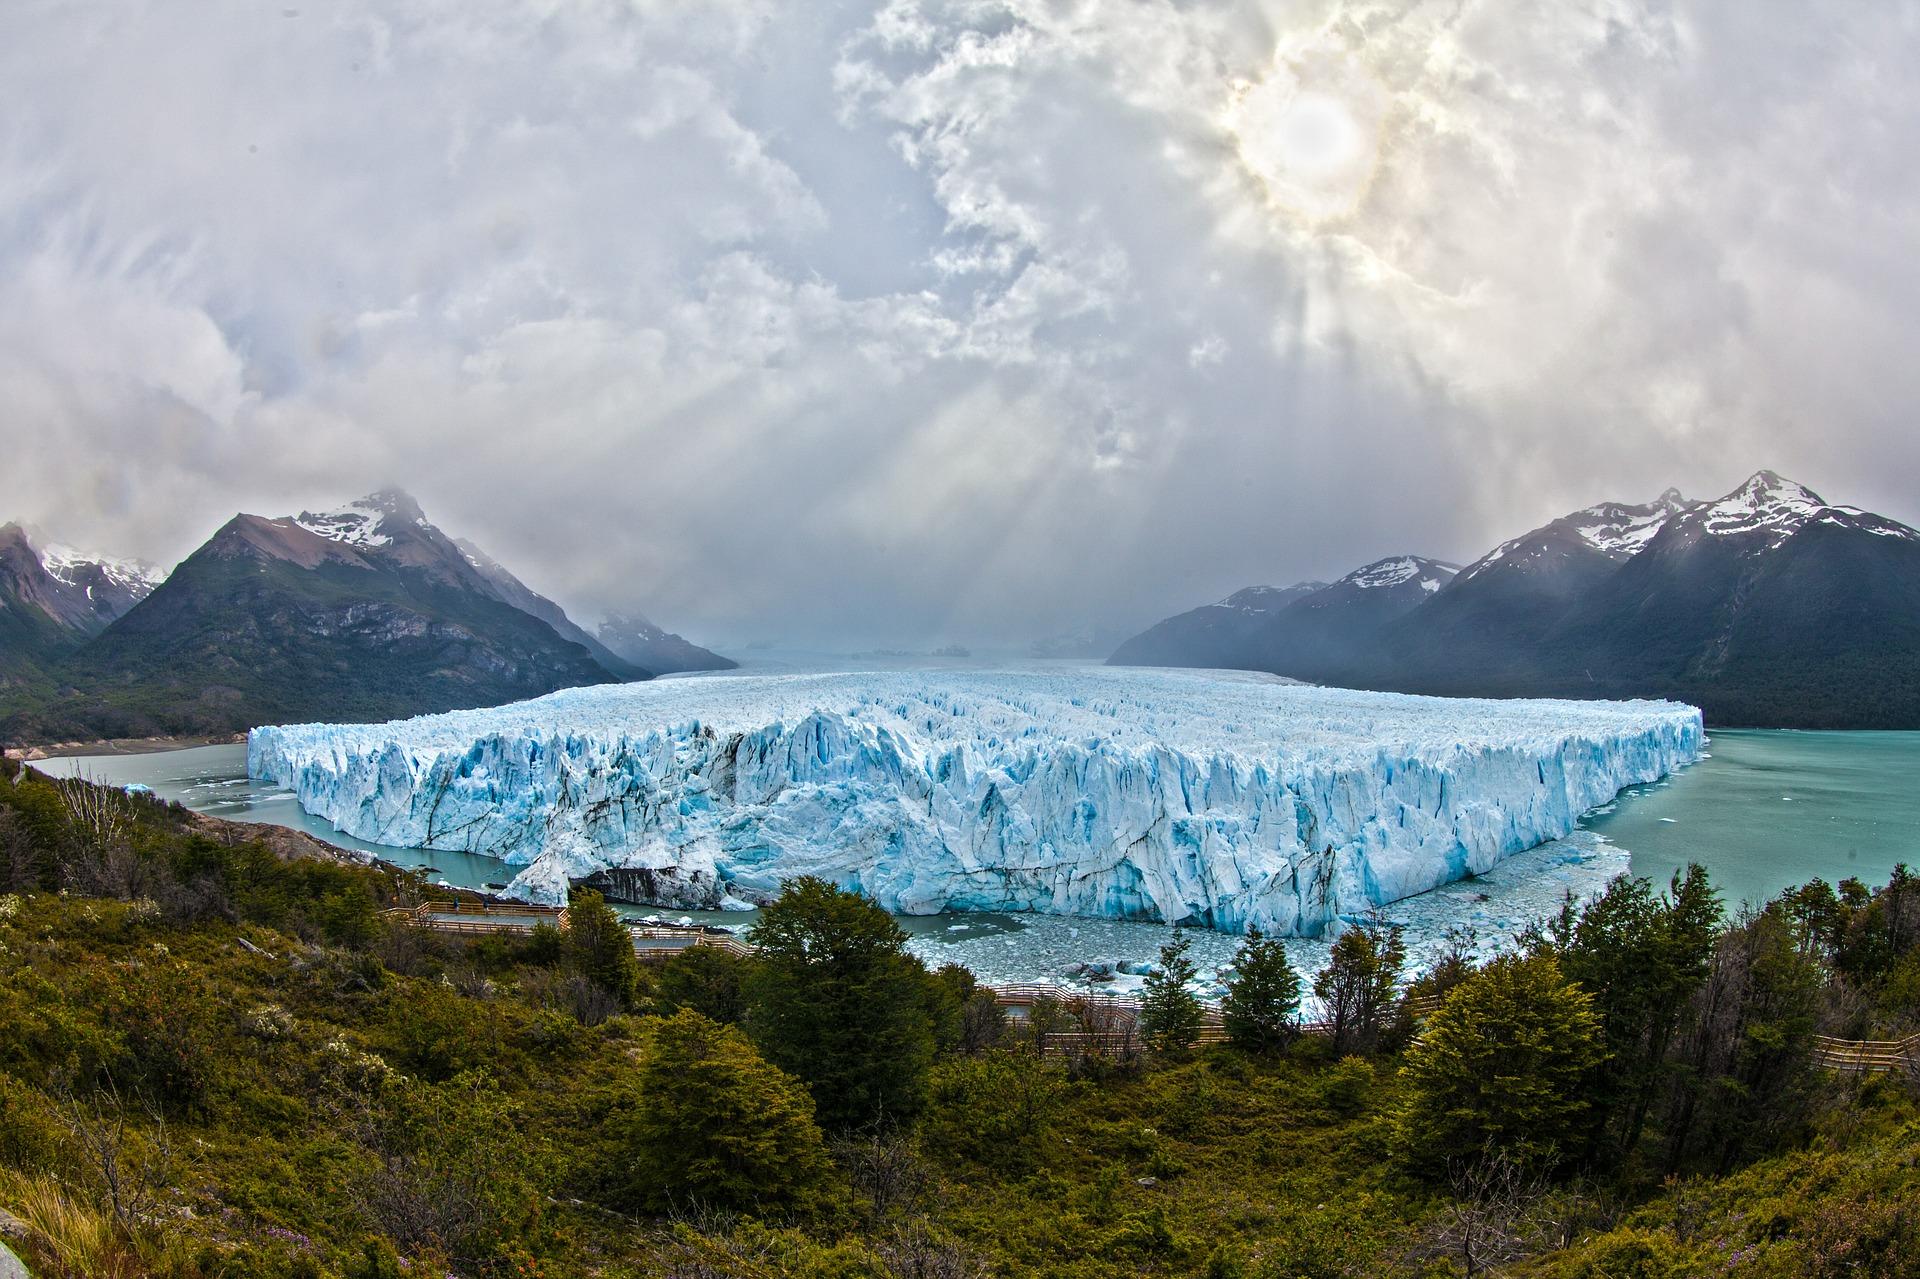 globalne ocieplenie, klimat, lodowiec, drzewa, góry